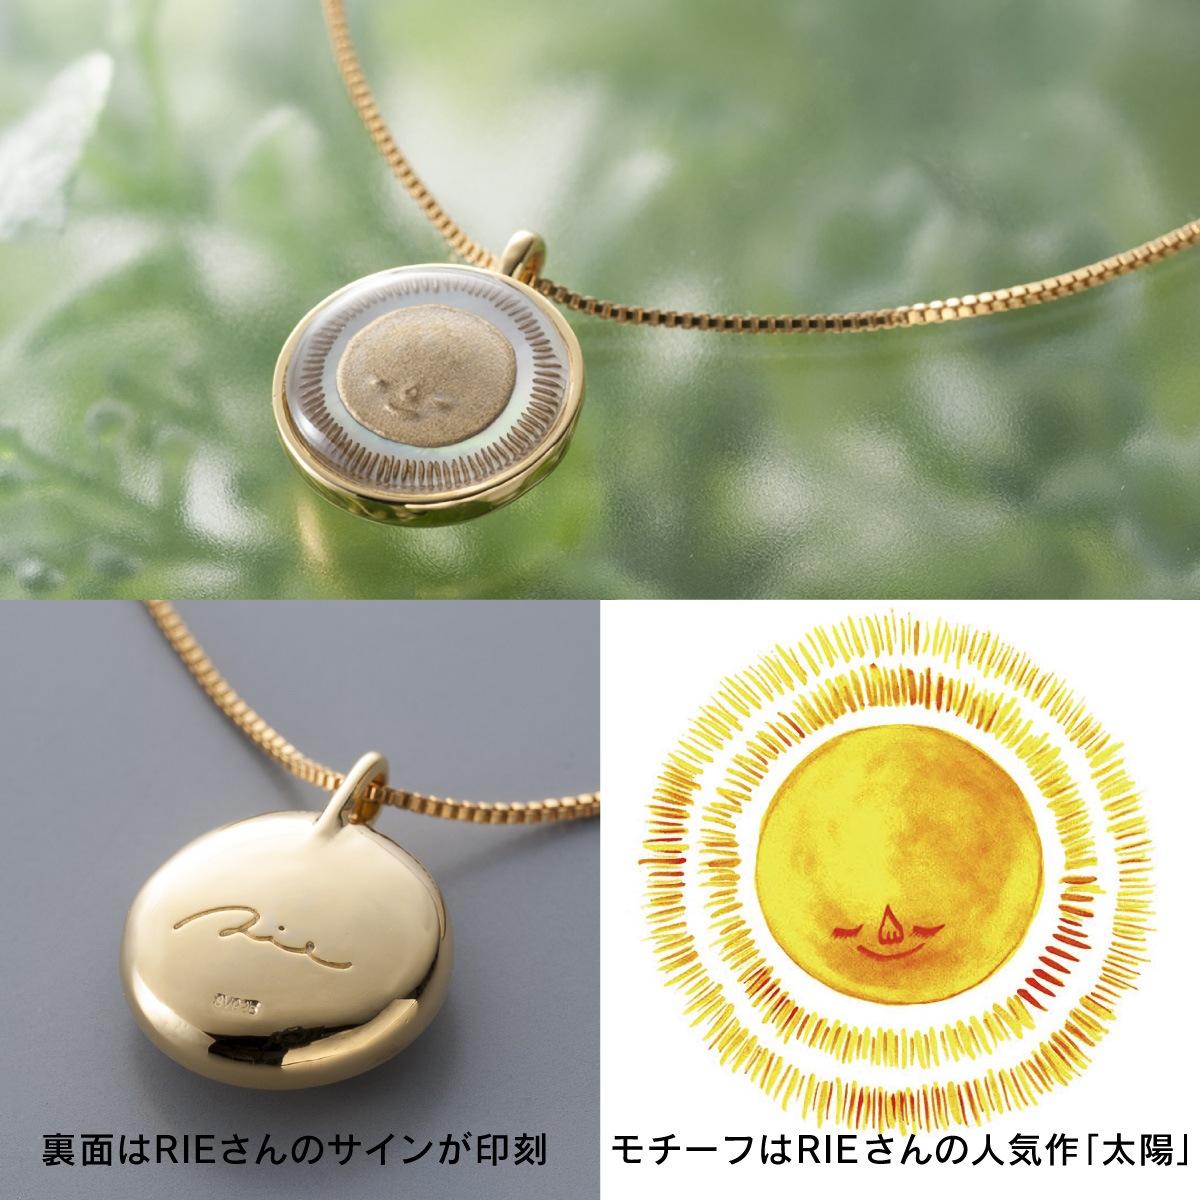 笑顔になれる♪ RIEの『太陽のペンダント』